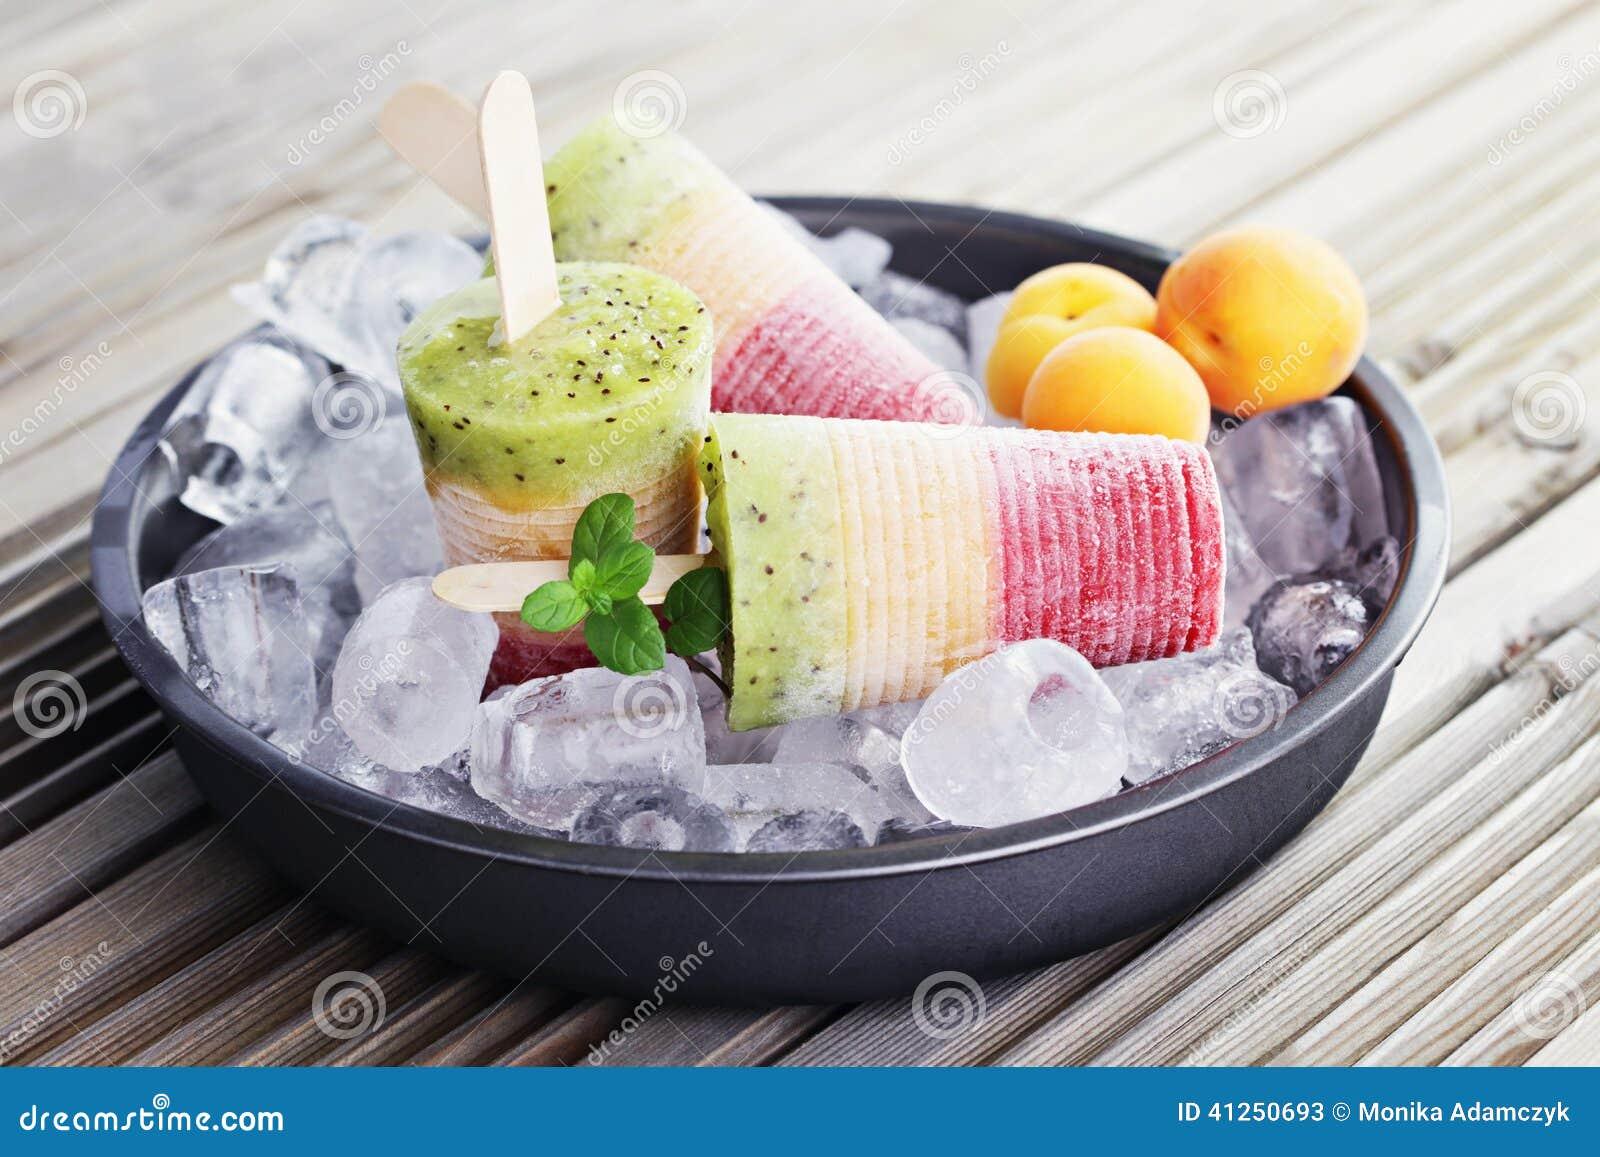 Fruity ice-cream